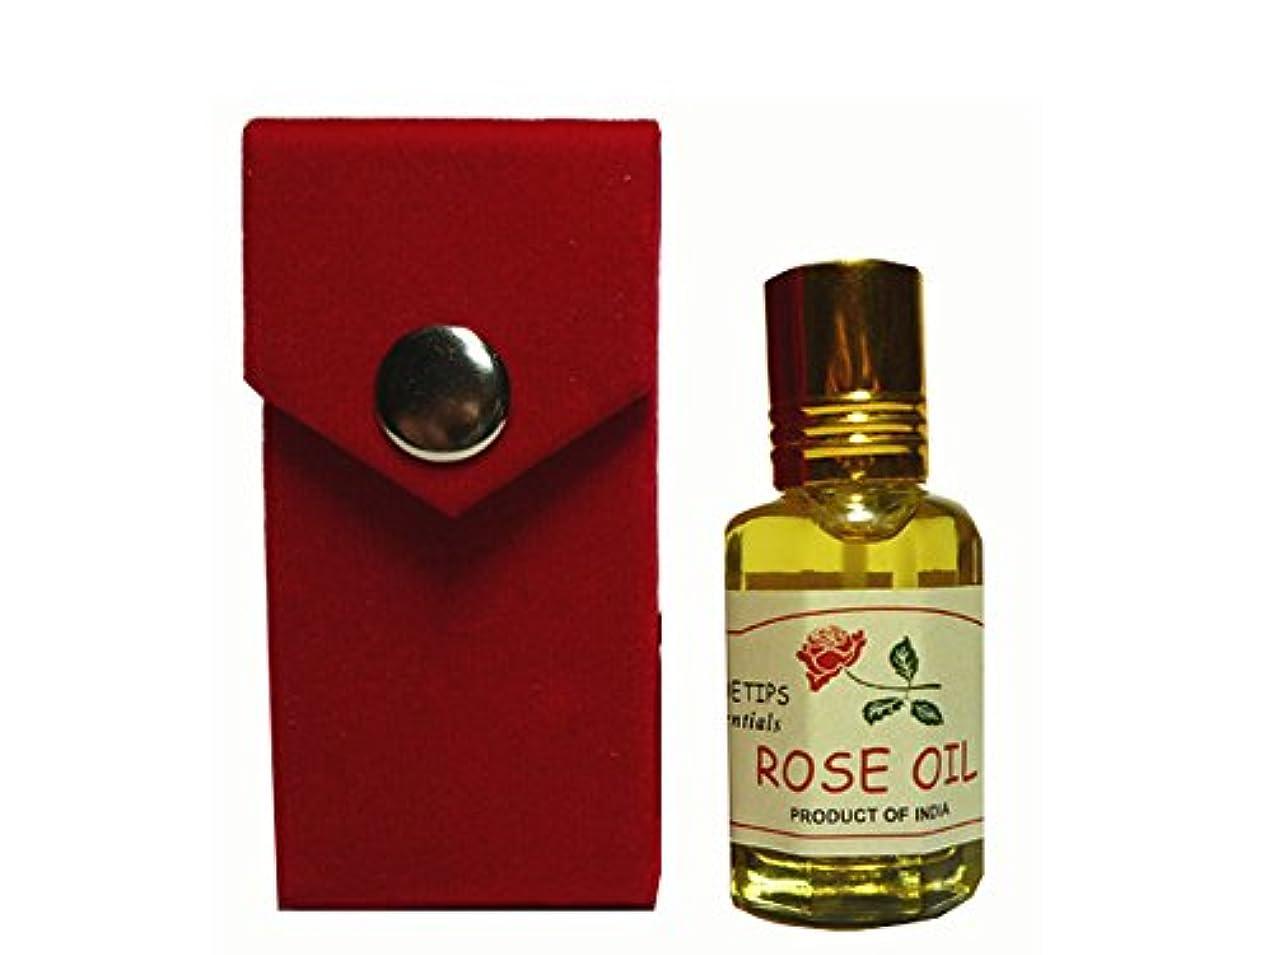 詳細な木曜日時制ペコー ティップス ダマスクローズ オイル オット 100%精油(インド産 精油)PEKOE TIPS TEA ROSE ESSENTIAL OIL ROSA DAMASCENA(Damask rose) 12ml